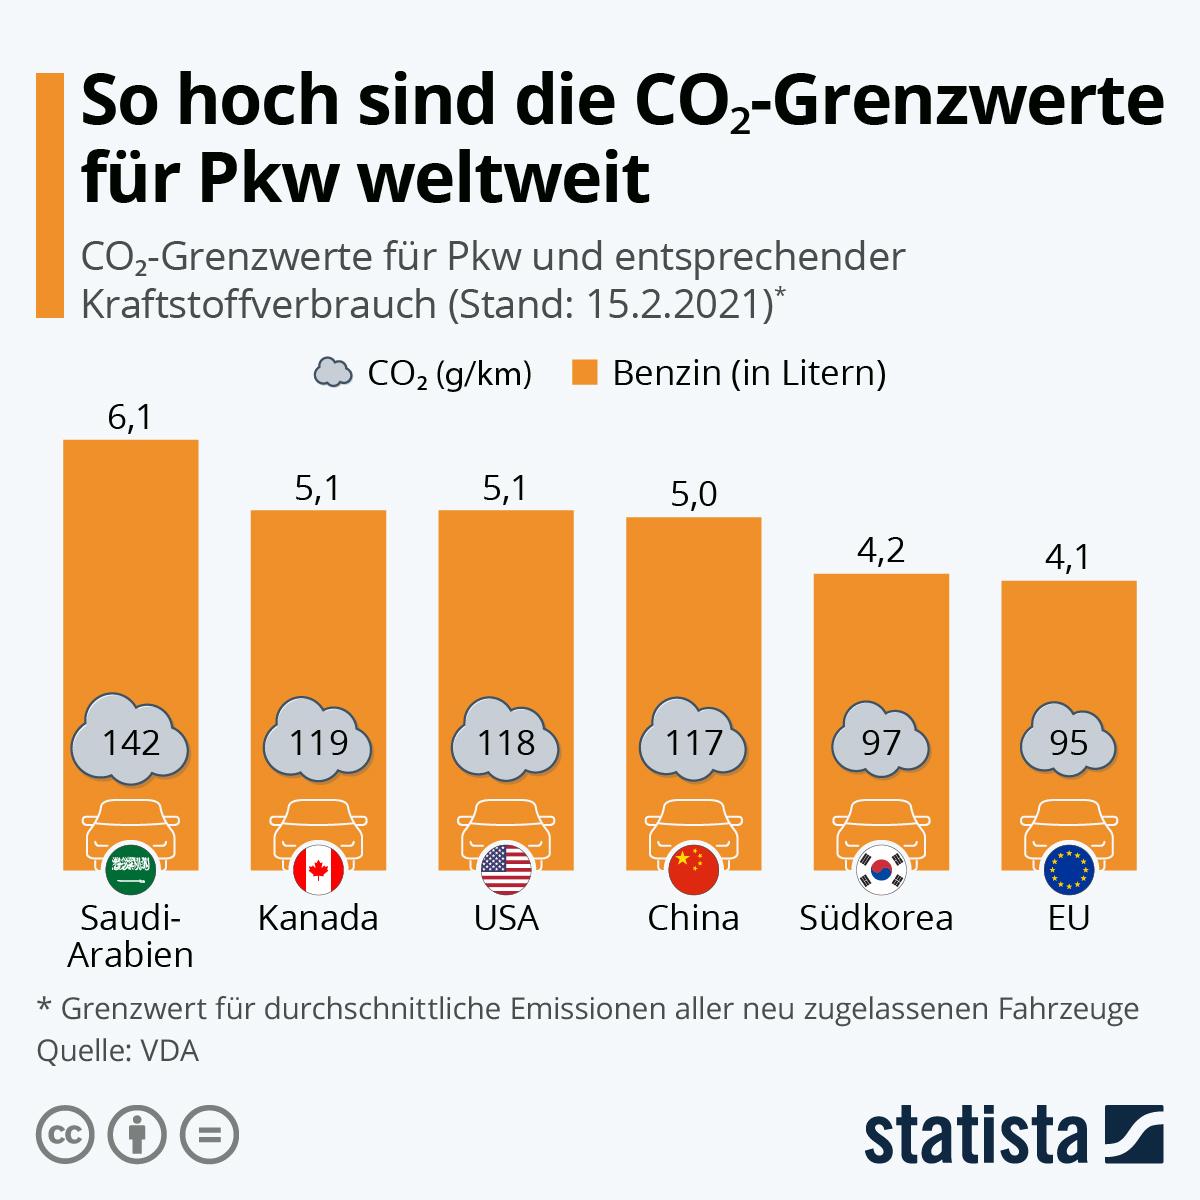 Infografik: So hoch sind die CO₂-Grenzwerte für Pkw weltweit | Statista